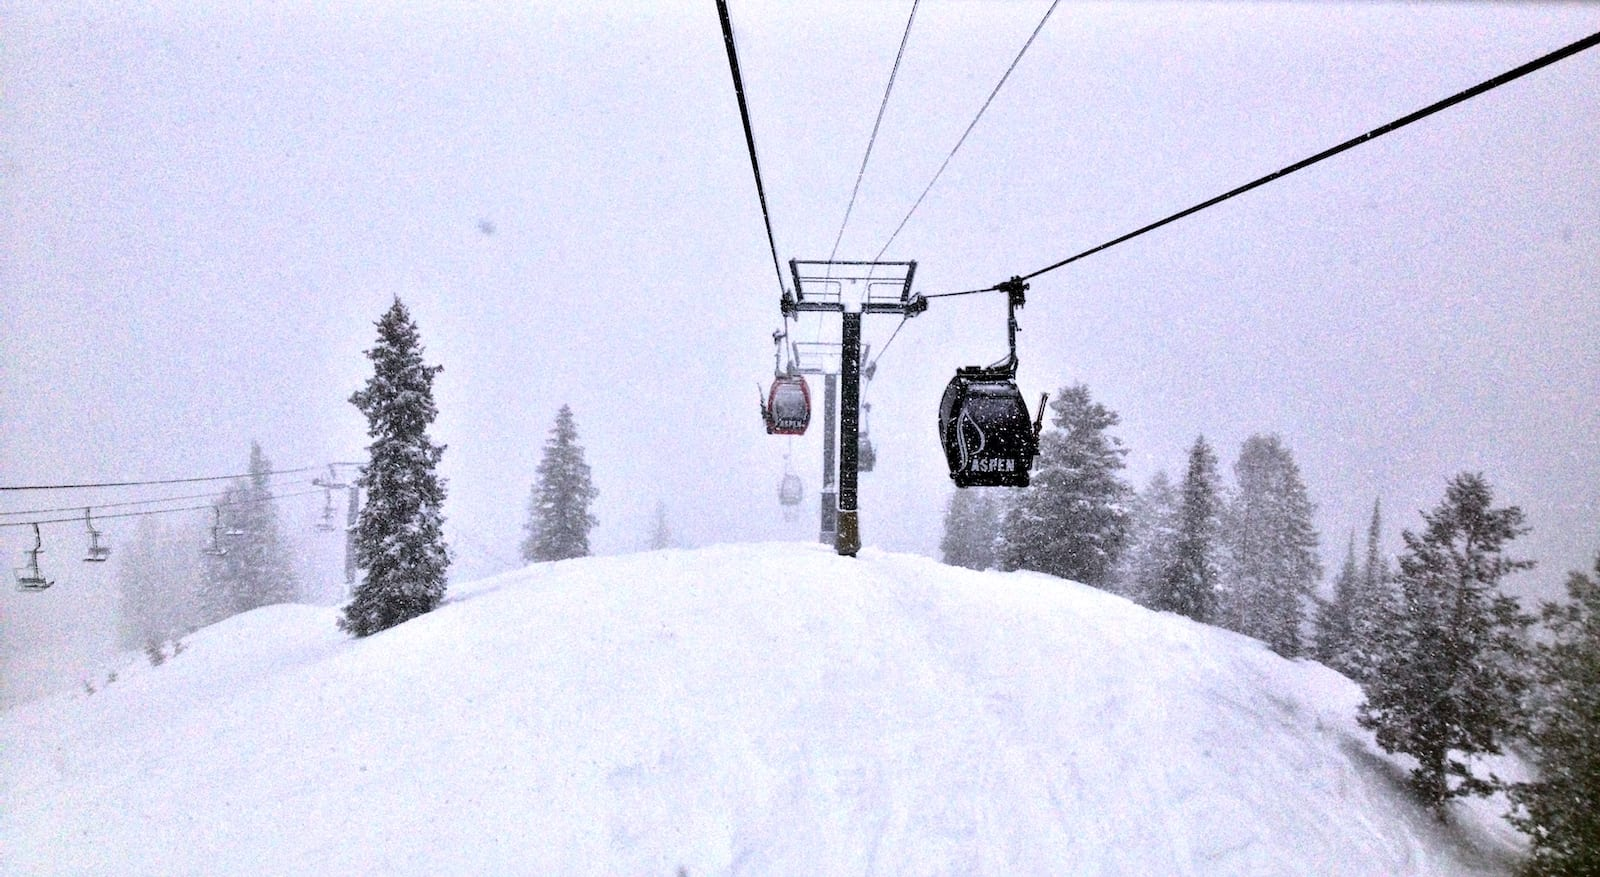 Aspen Mountain Gondola Winter Snow Day